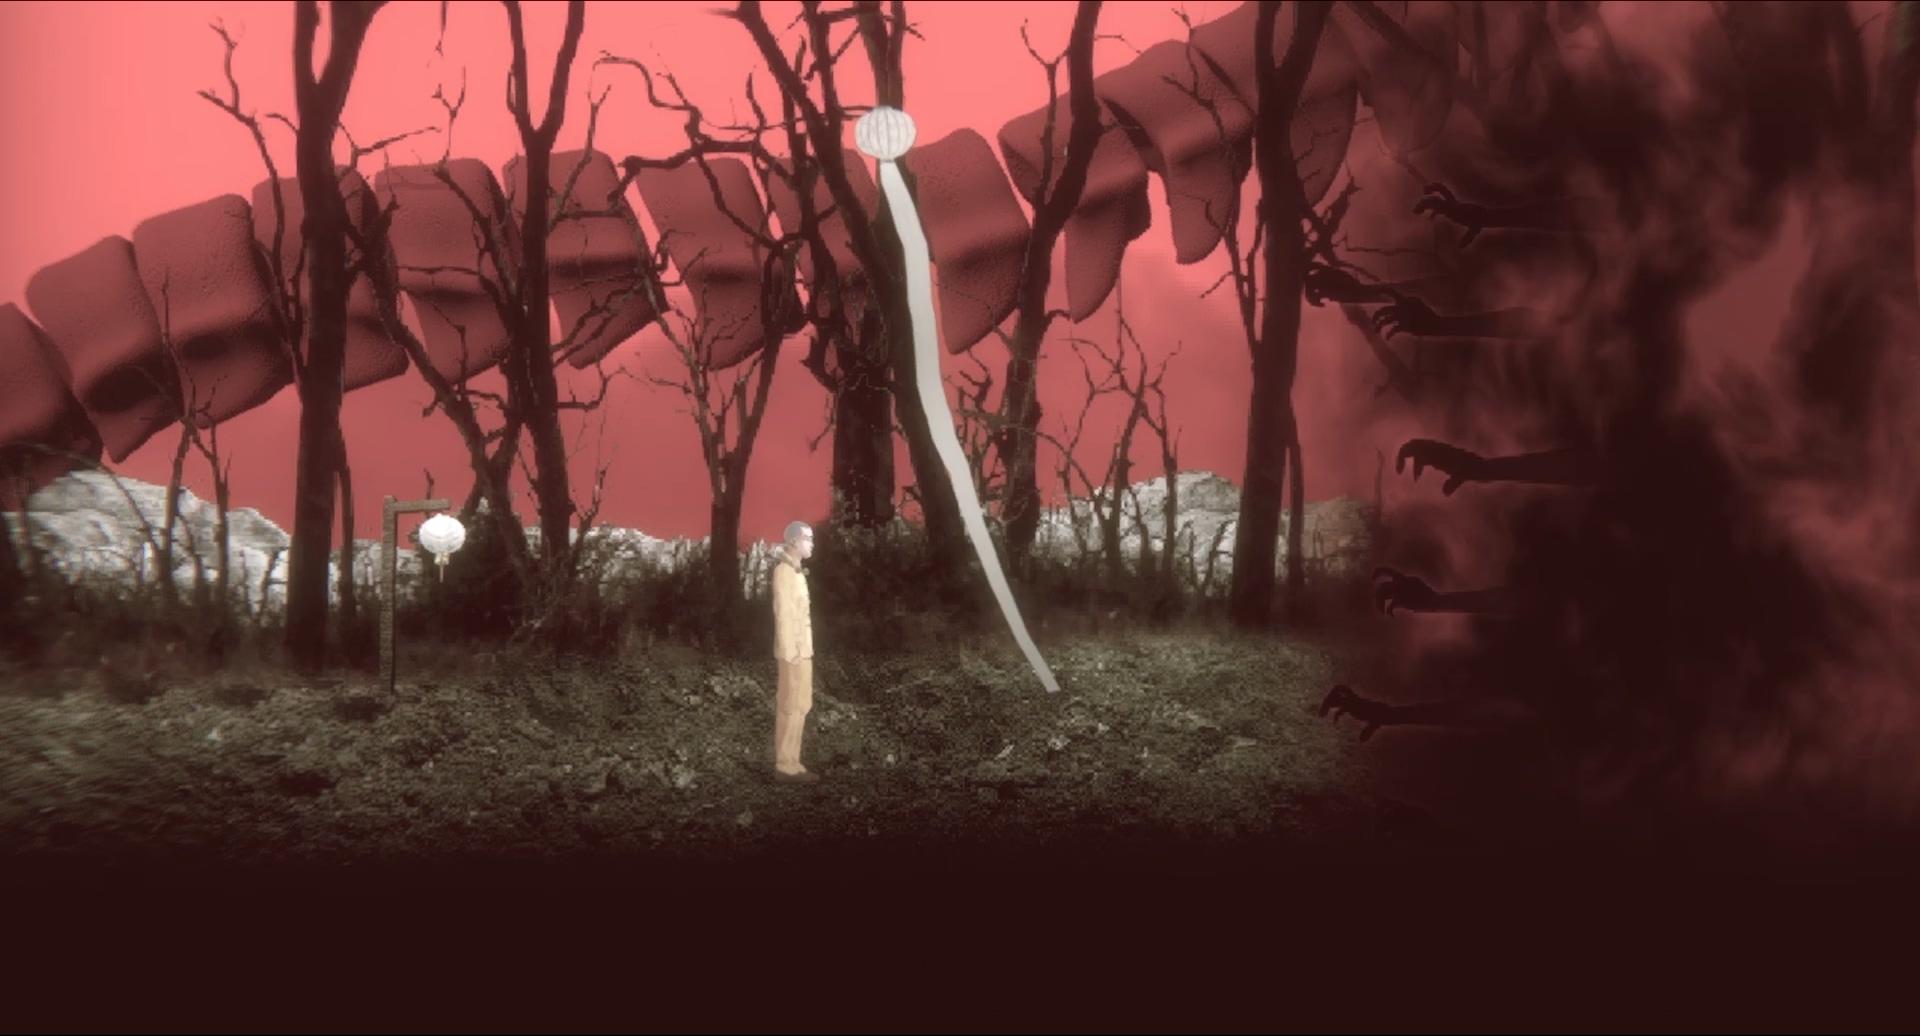 山中诡异怪谈故事 惊悚解谜游戏《诱惑》10月9日发售